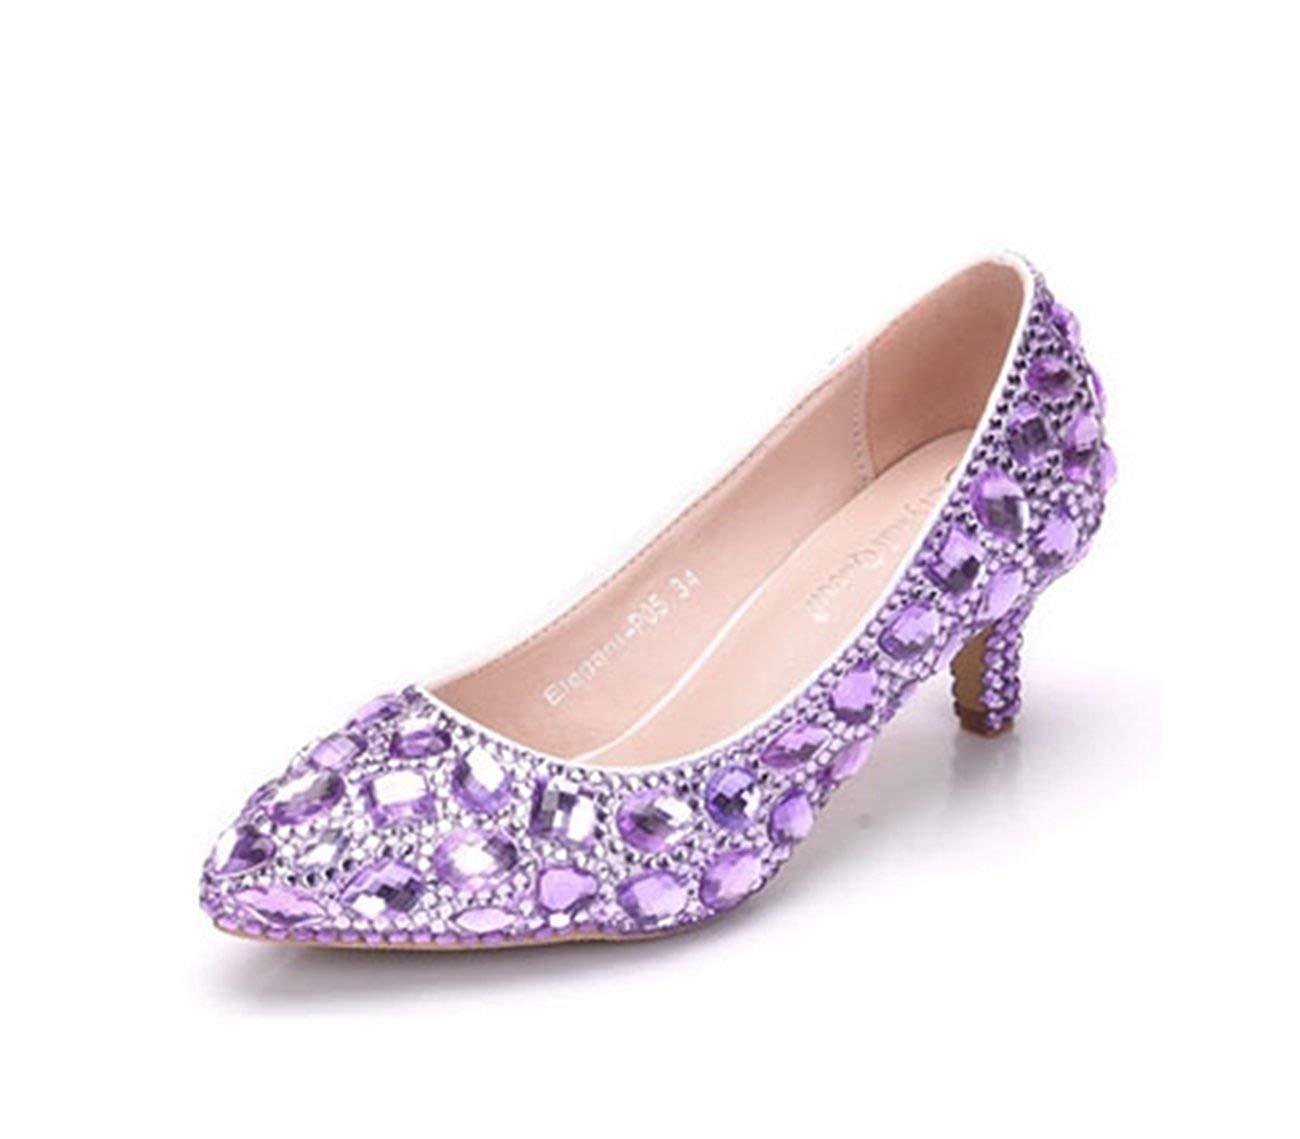 Qiusa Damen Low Heel Strass Perlen Slip-on Slip-on Slip-on Hochzeitskleid Party Schuhe (Farbe   lila-6cm Heel, Größe   4.5 UK)  d3498c